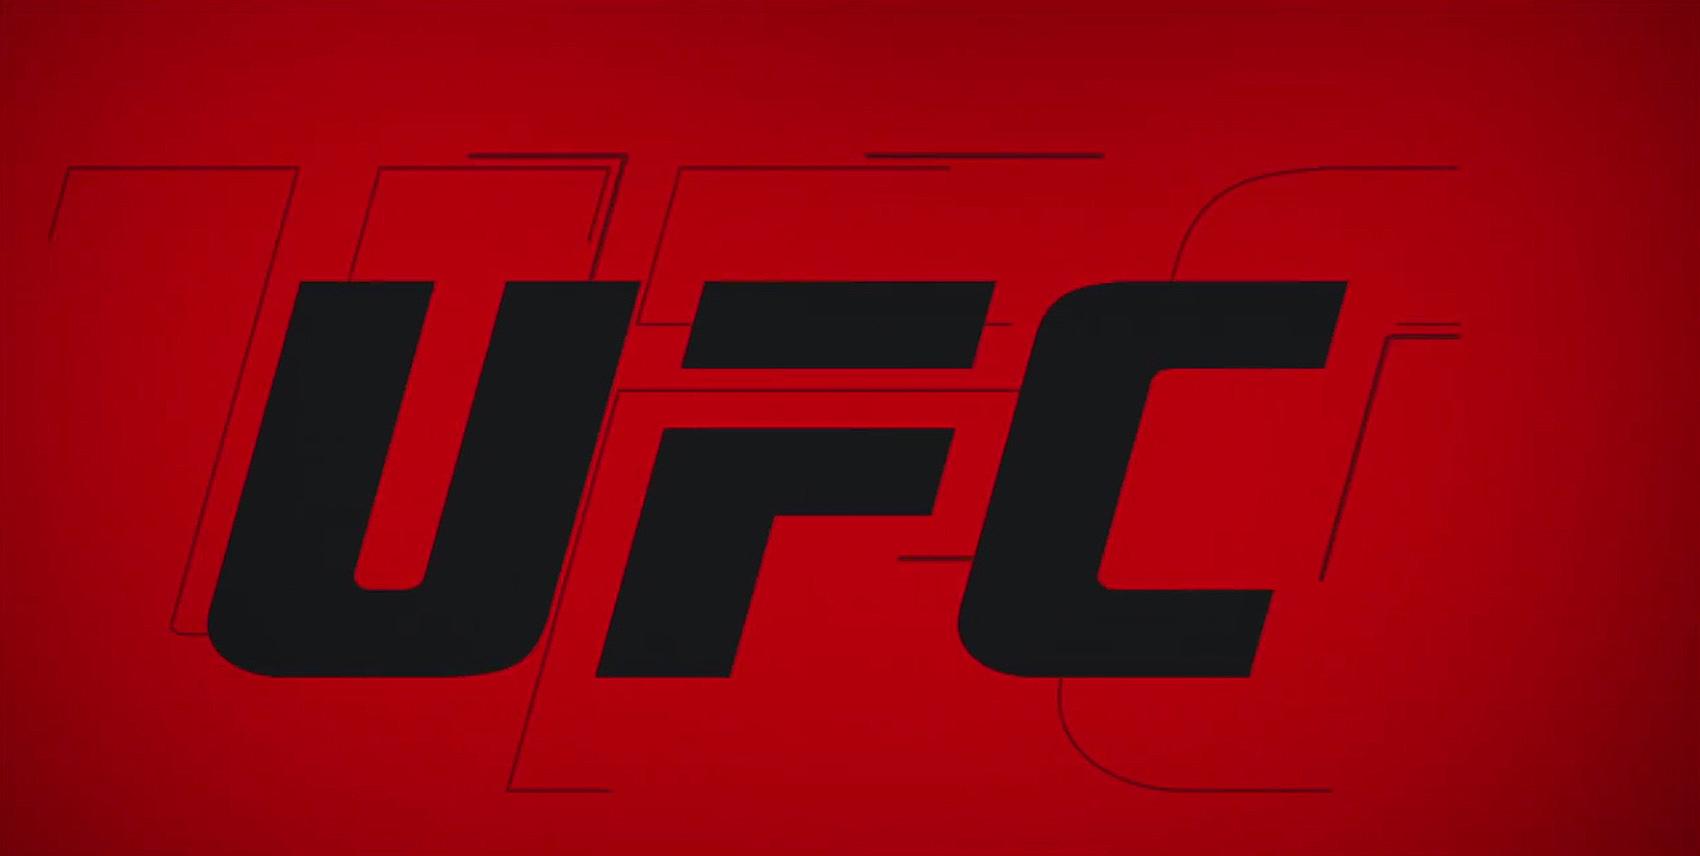 NCS_UFC-ESPN_0012